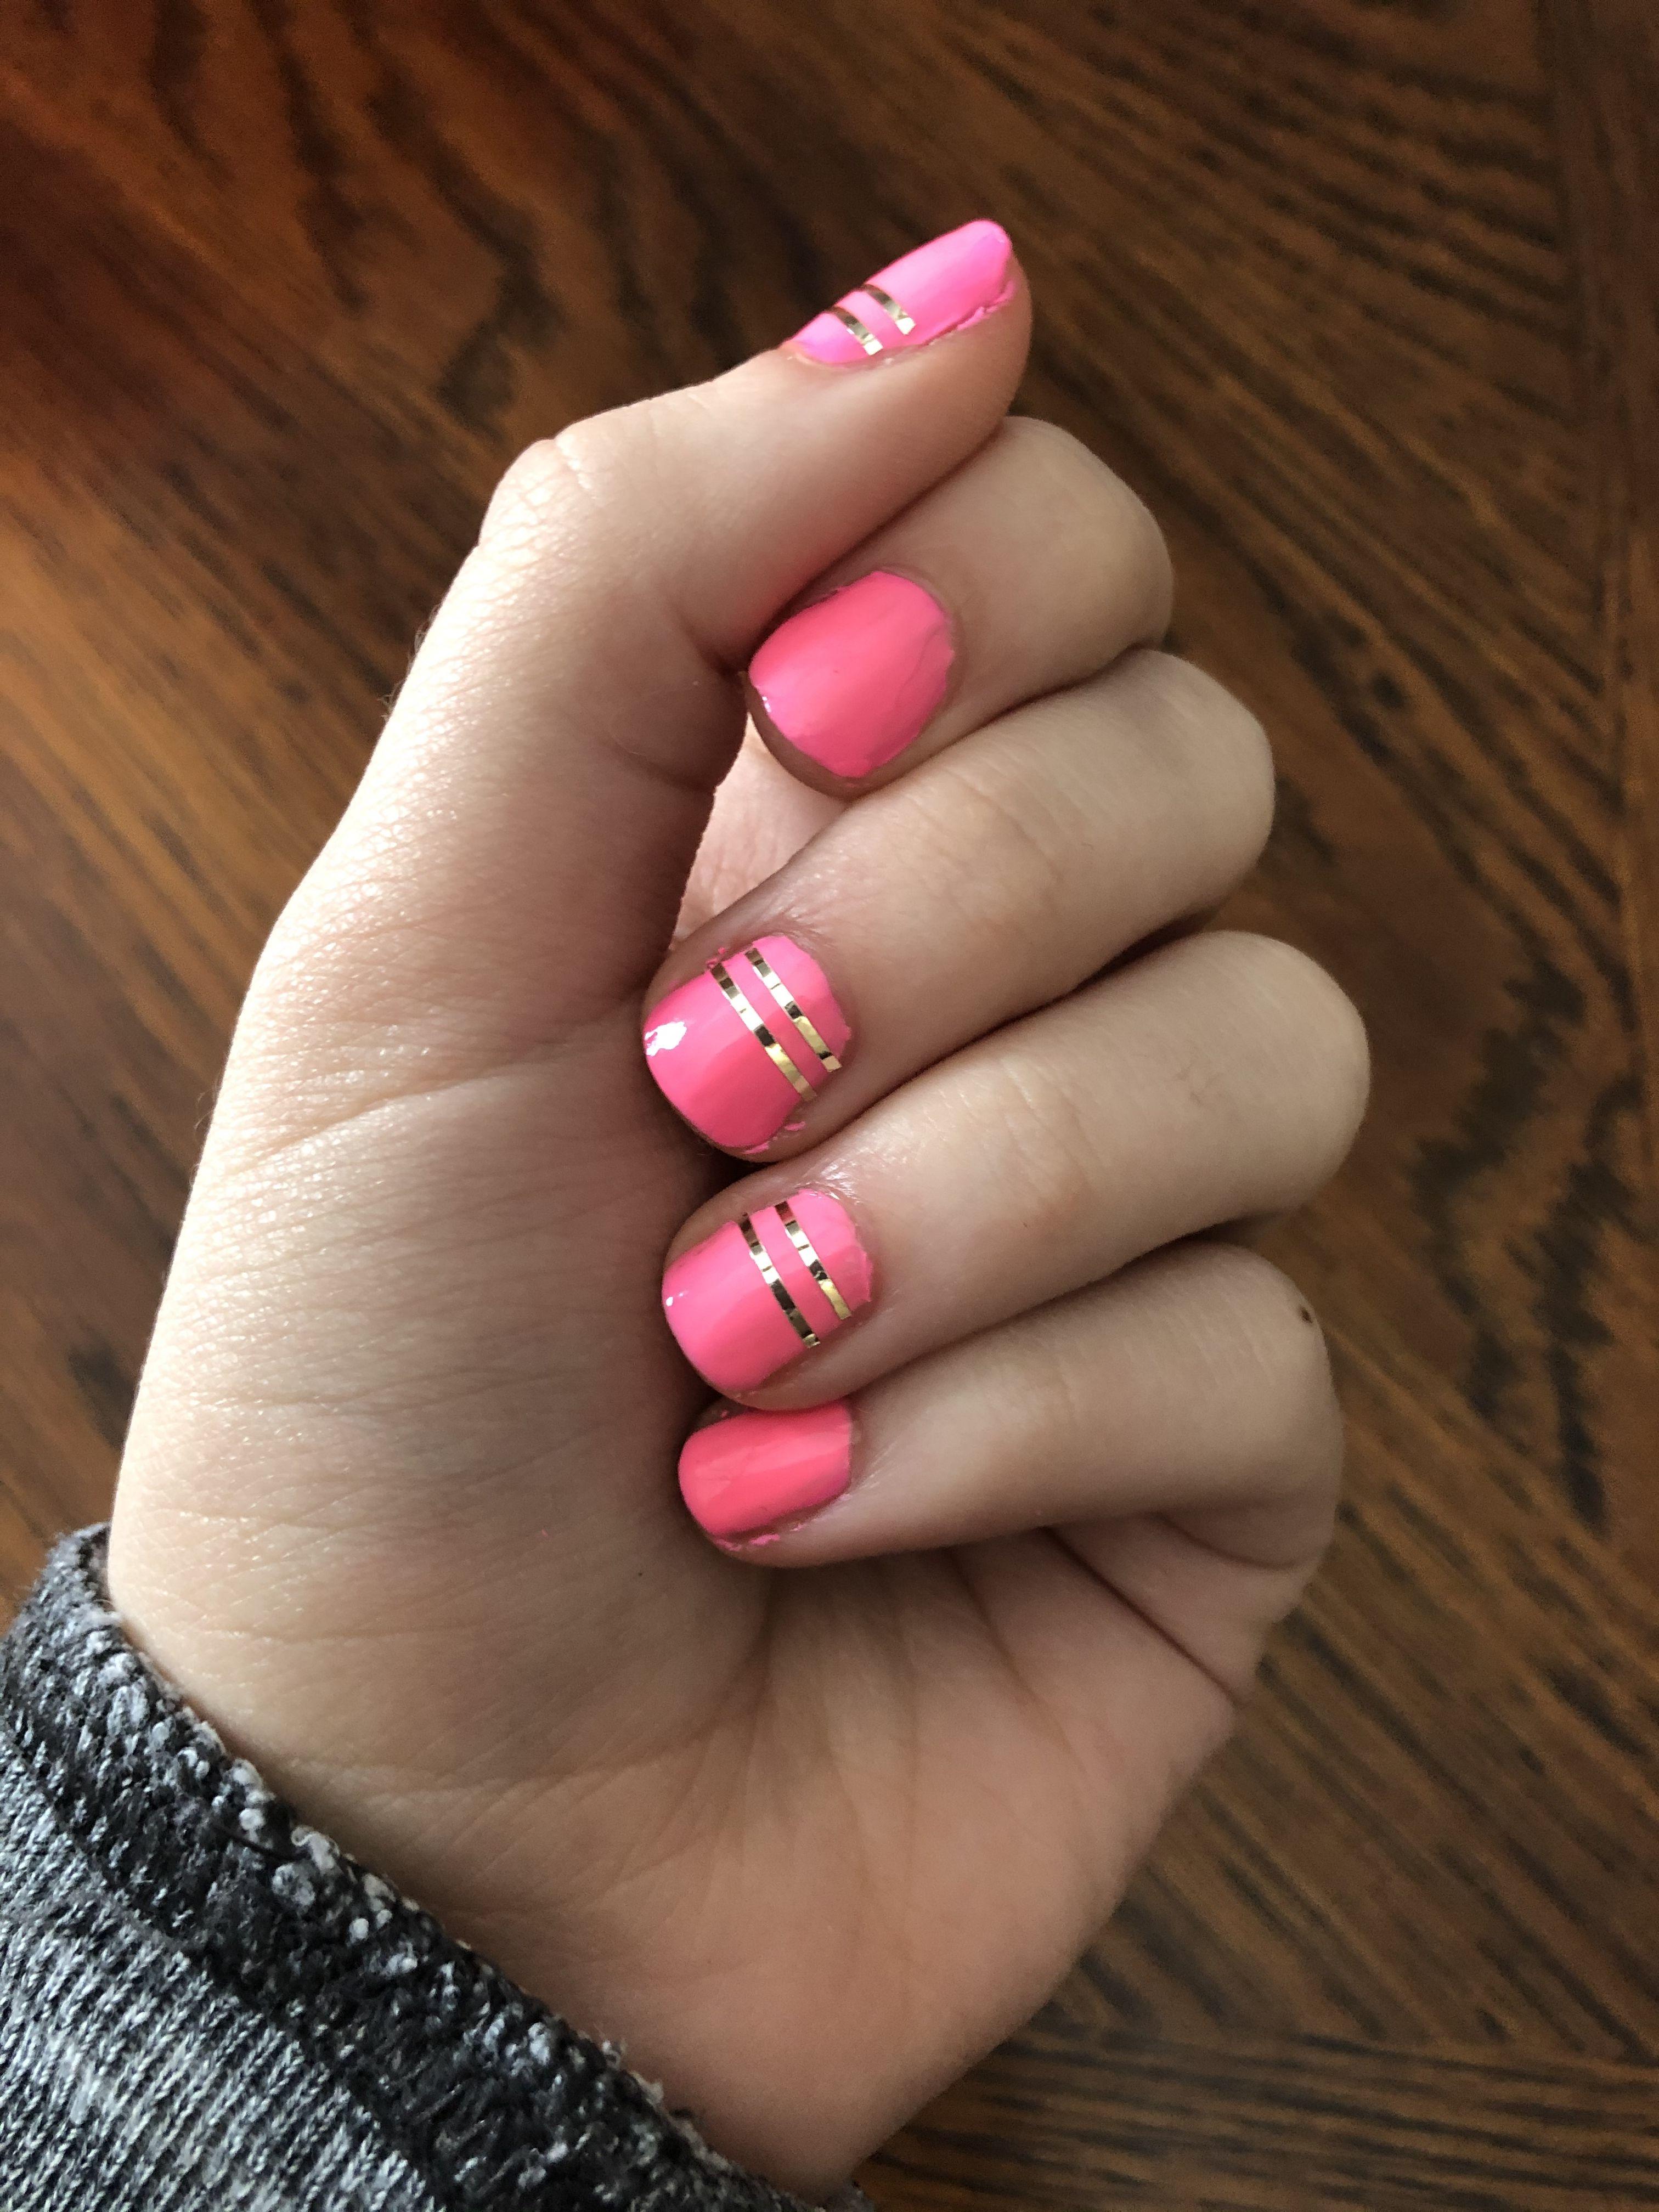 Nail art using striping tape in 2020 nail art nails